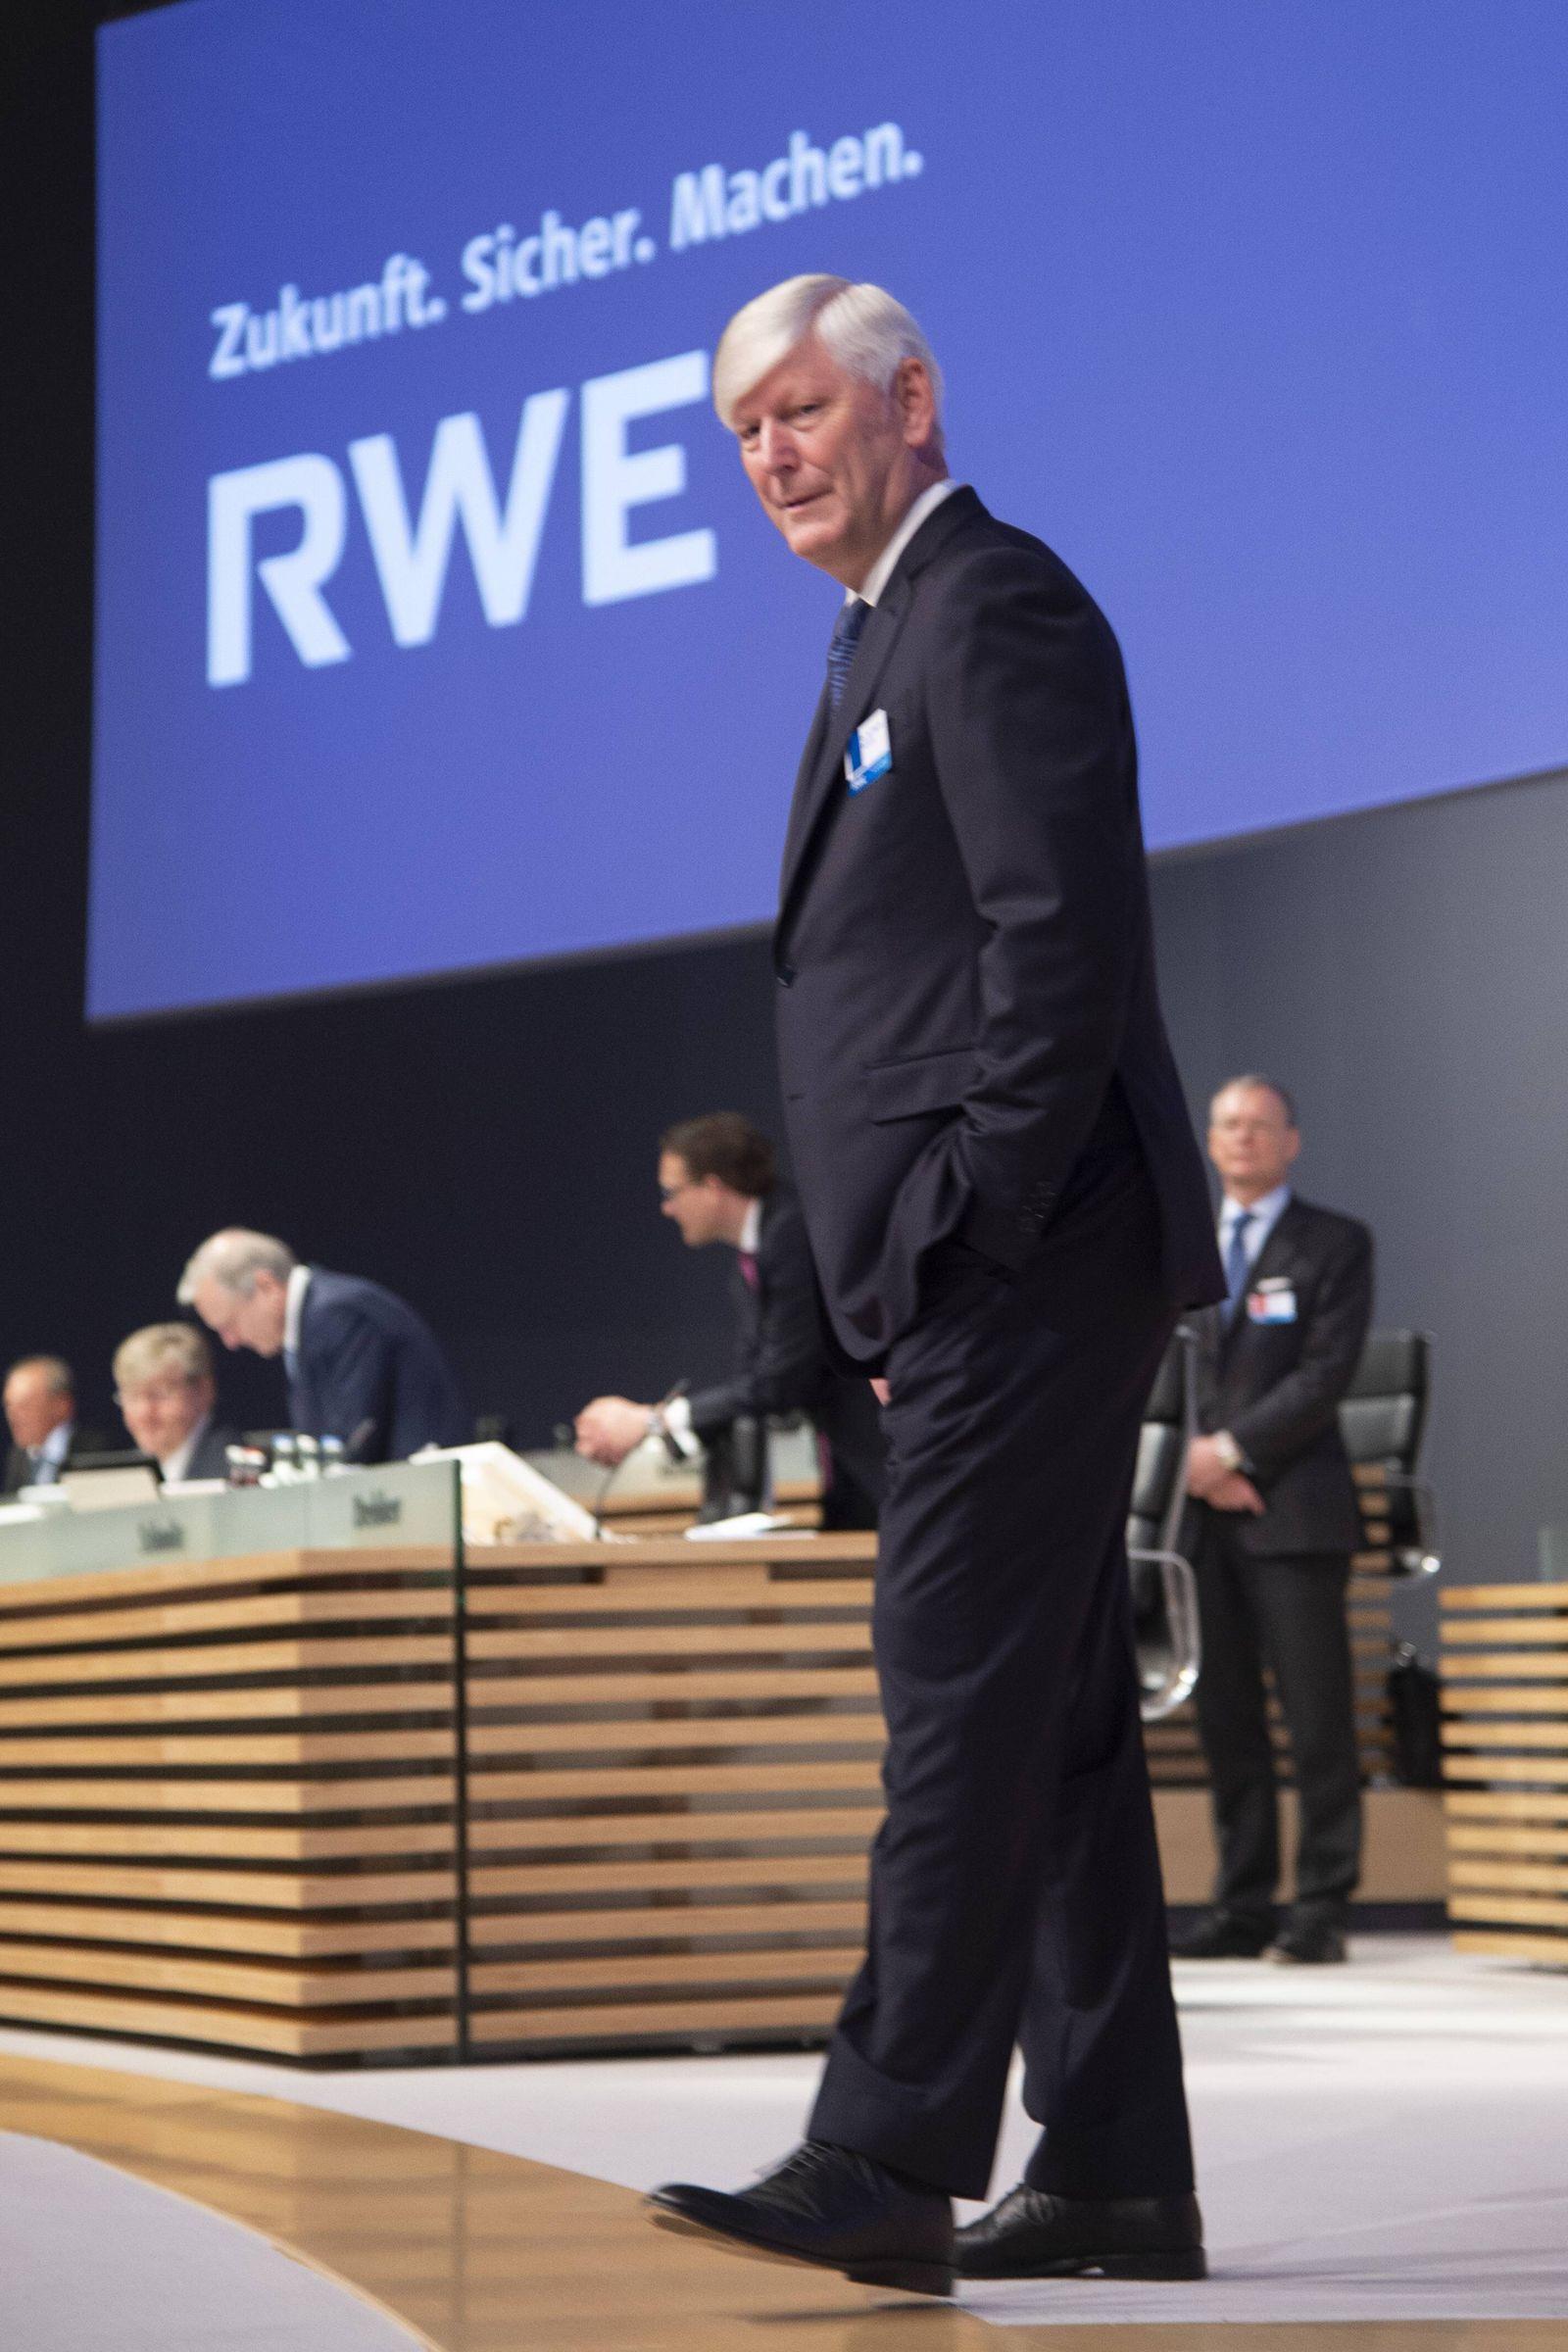 Dr Rolf Martin Schmitz Vorstandsvorsitzender der RWE AG CEO Hauptversammlung der RWE AG am 03 05